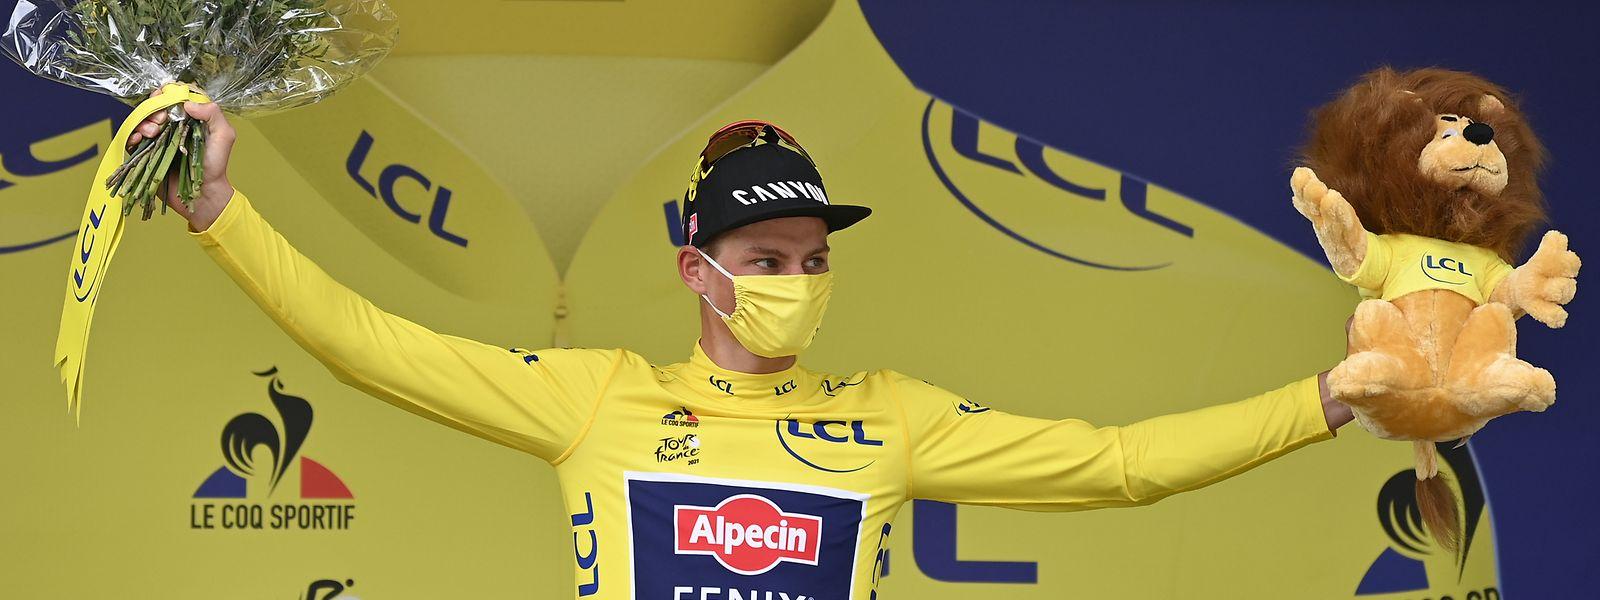 Mathieu van der Poel führt die Gesamtwertung weiterhin an.